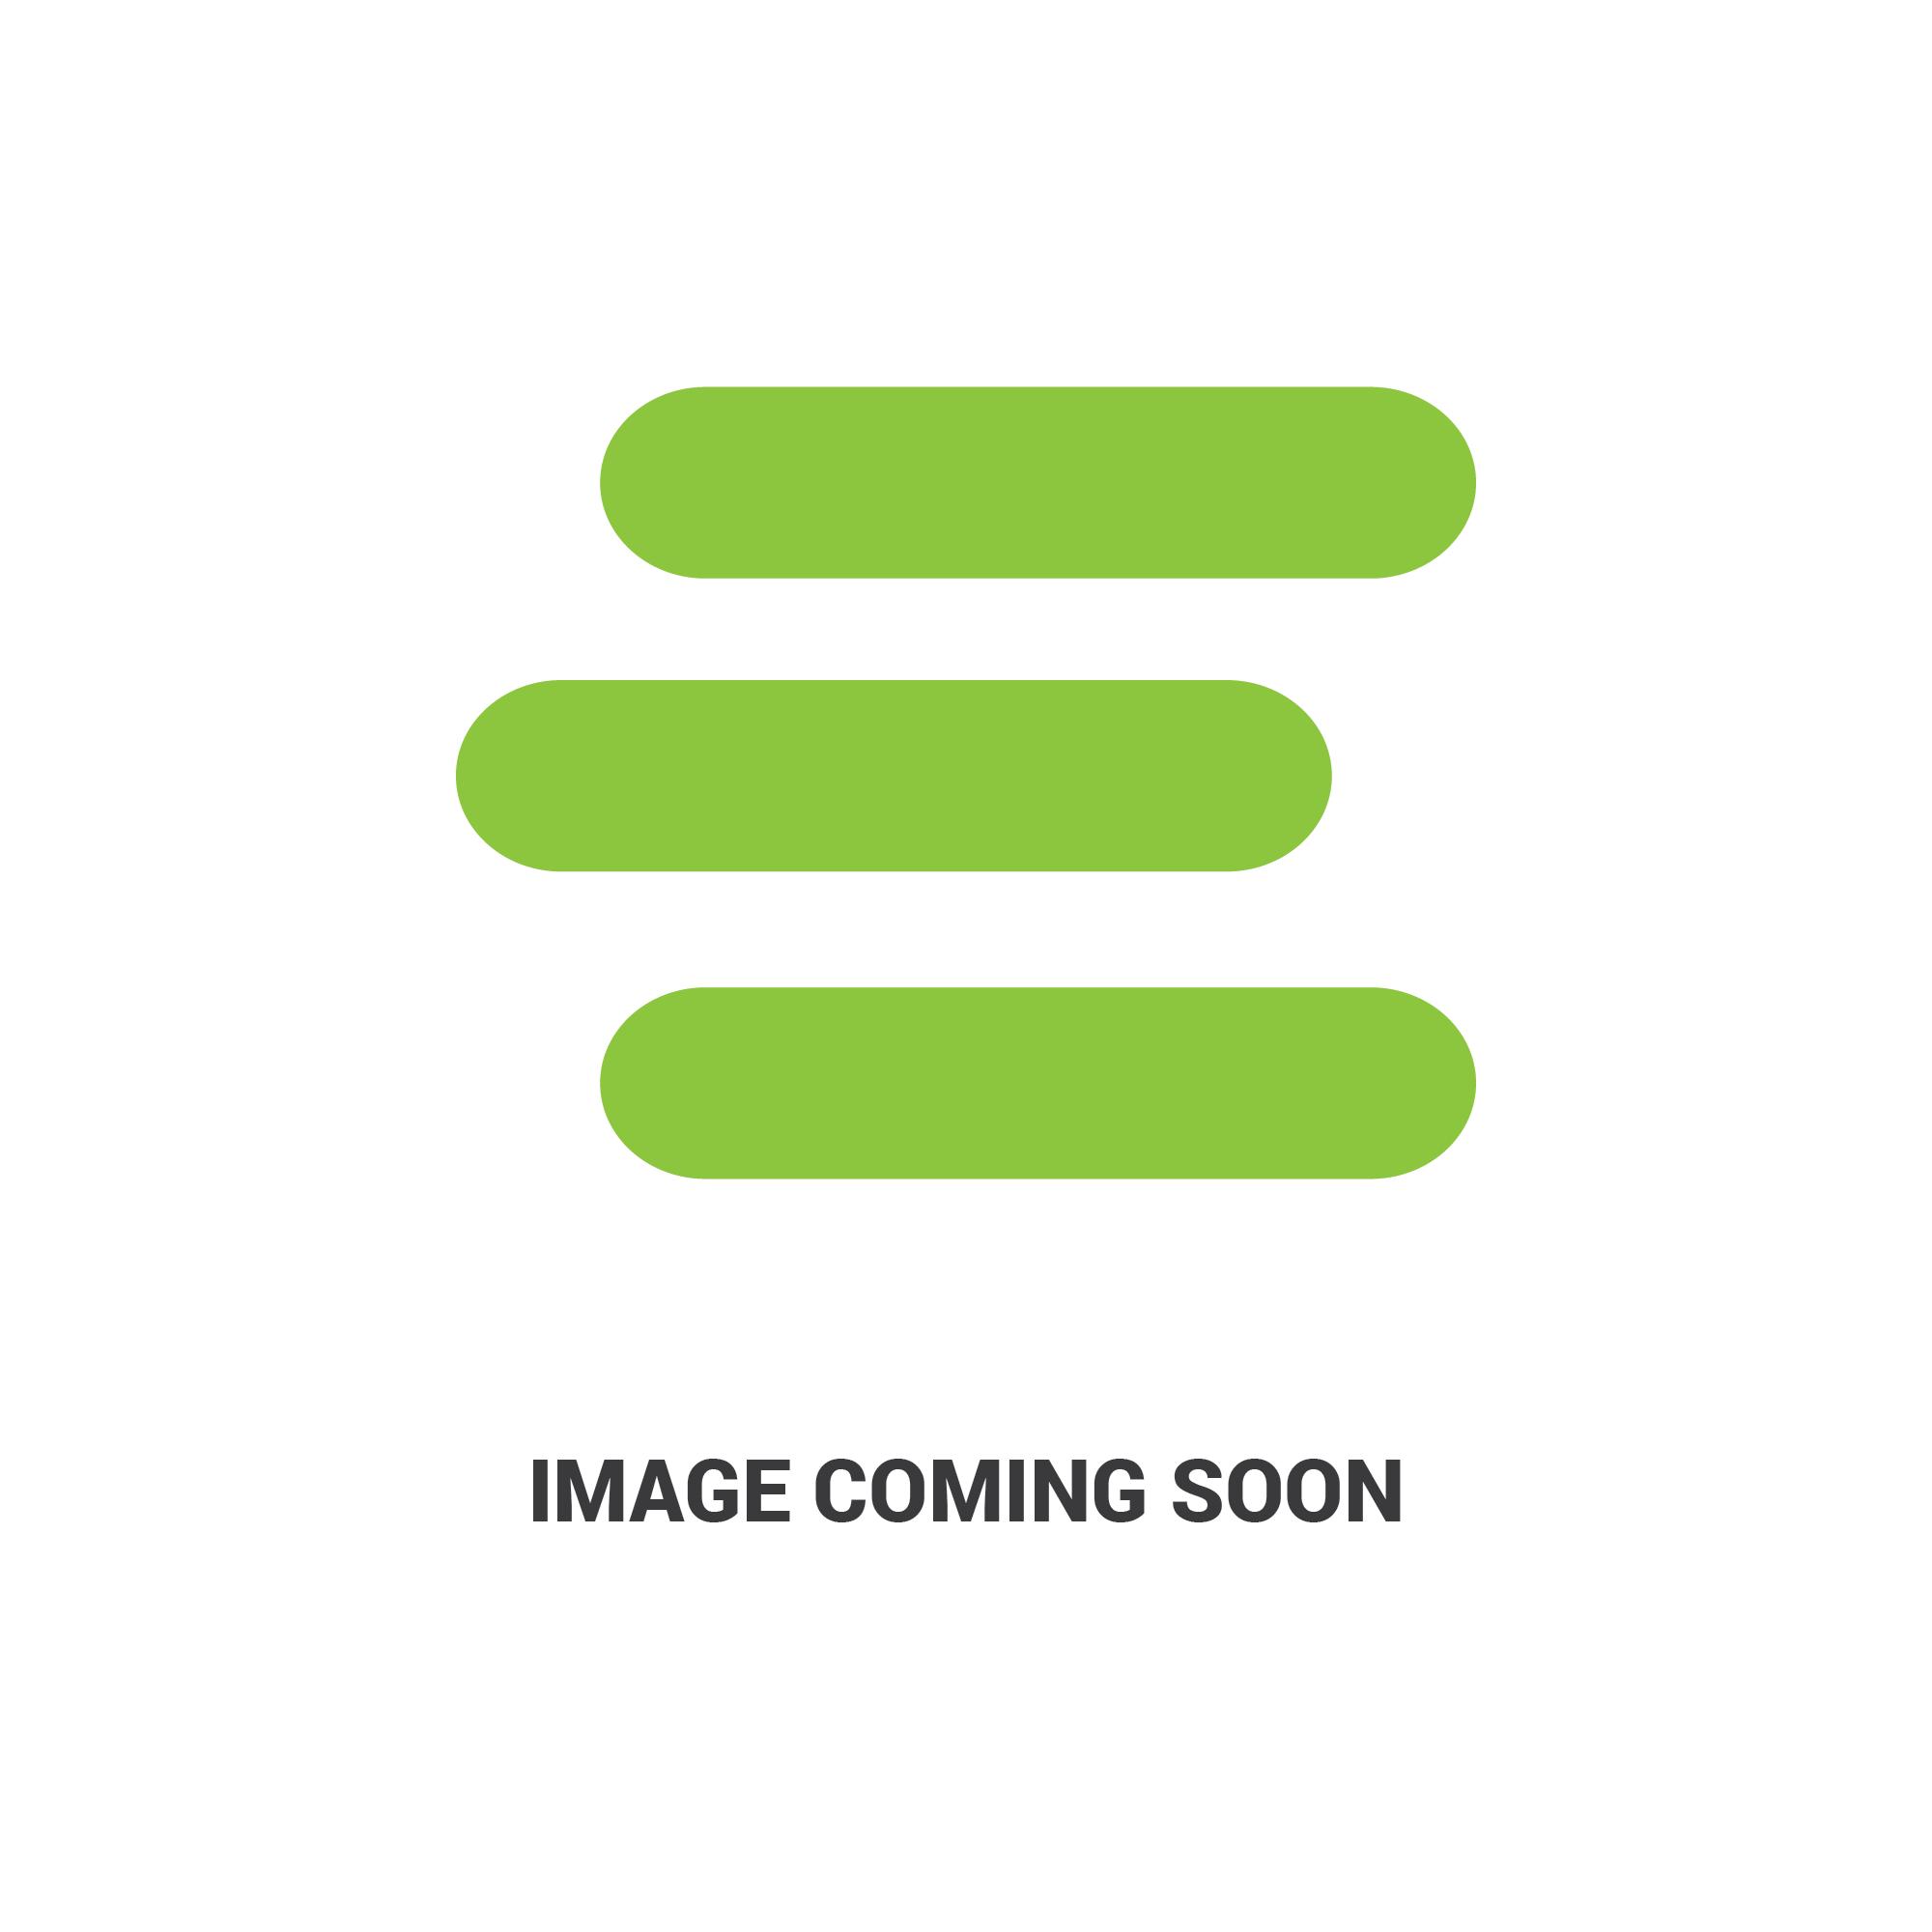 E-6A320-85810edit 1101.jpg